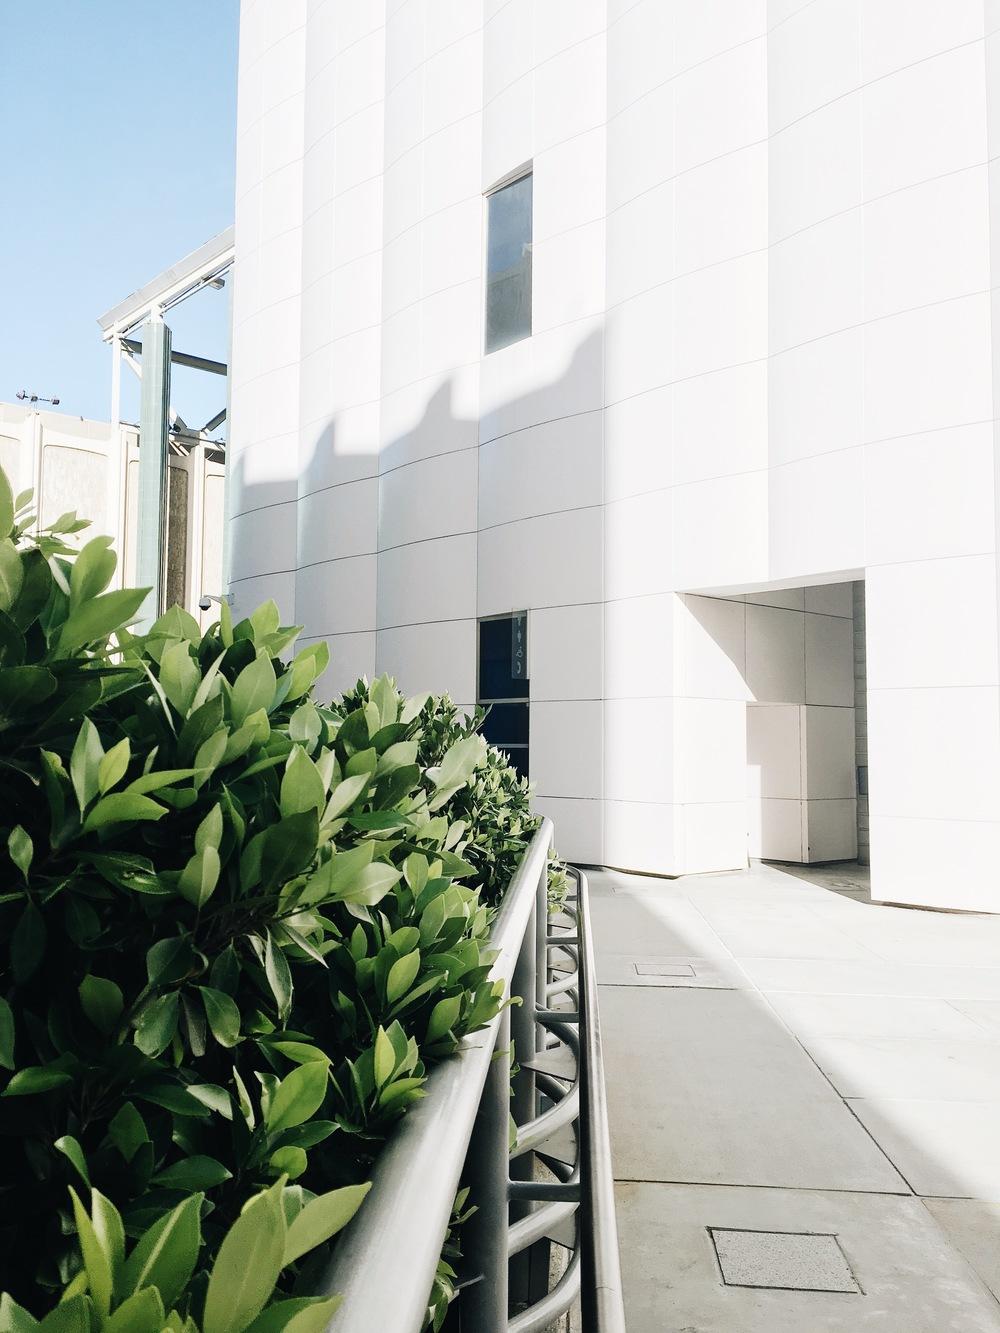 LACMA; Downtown LA